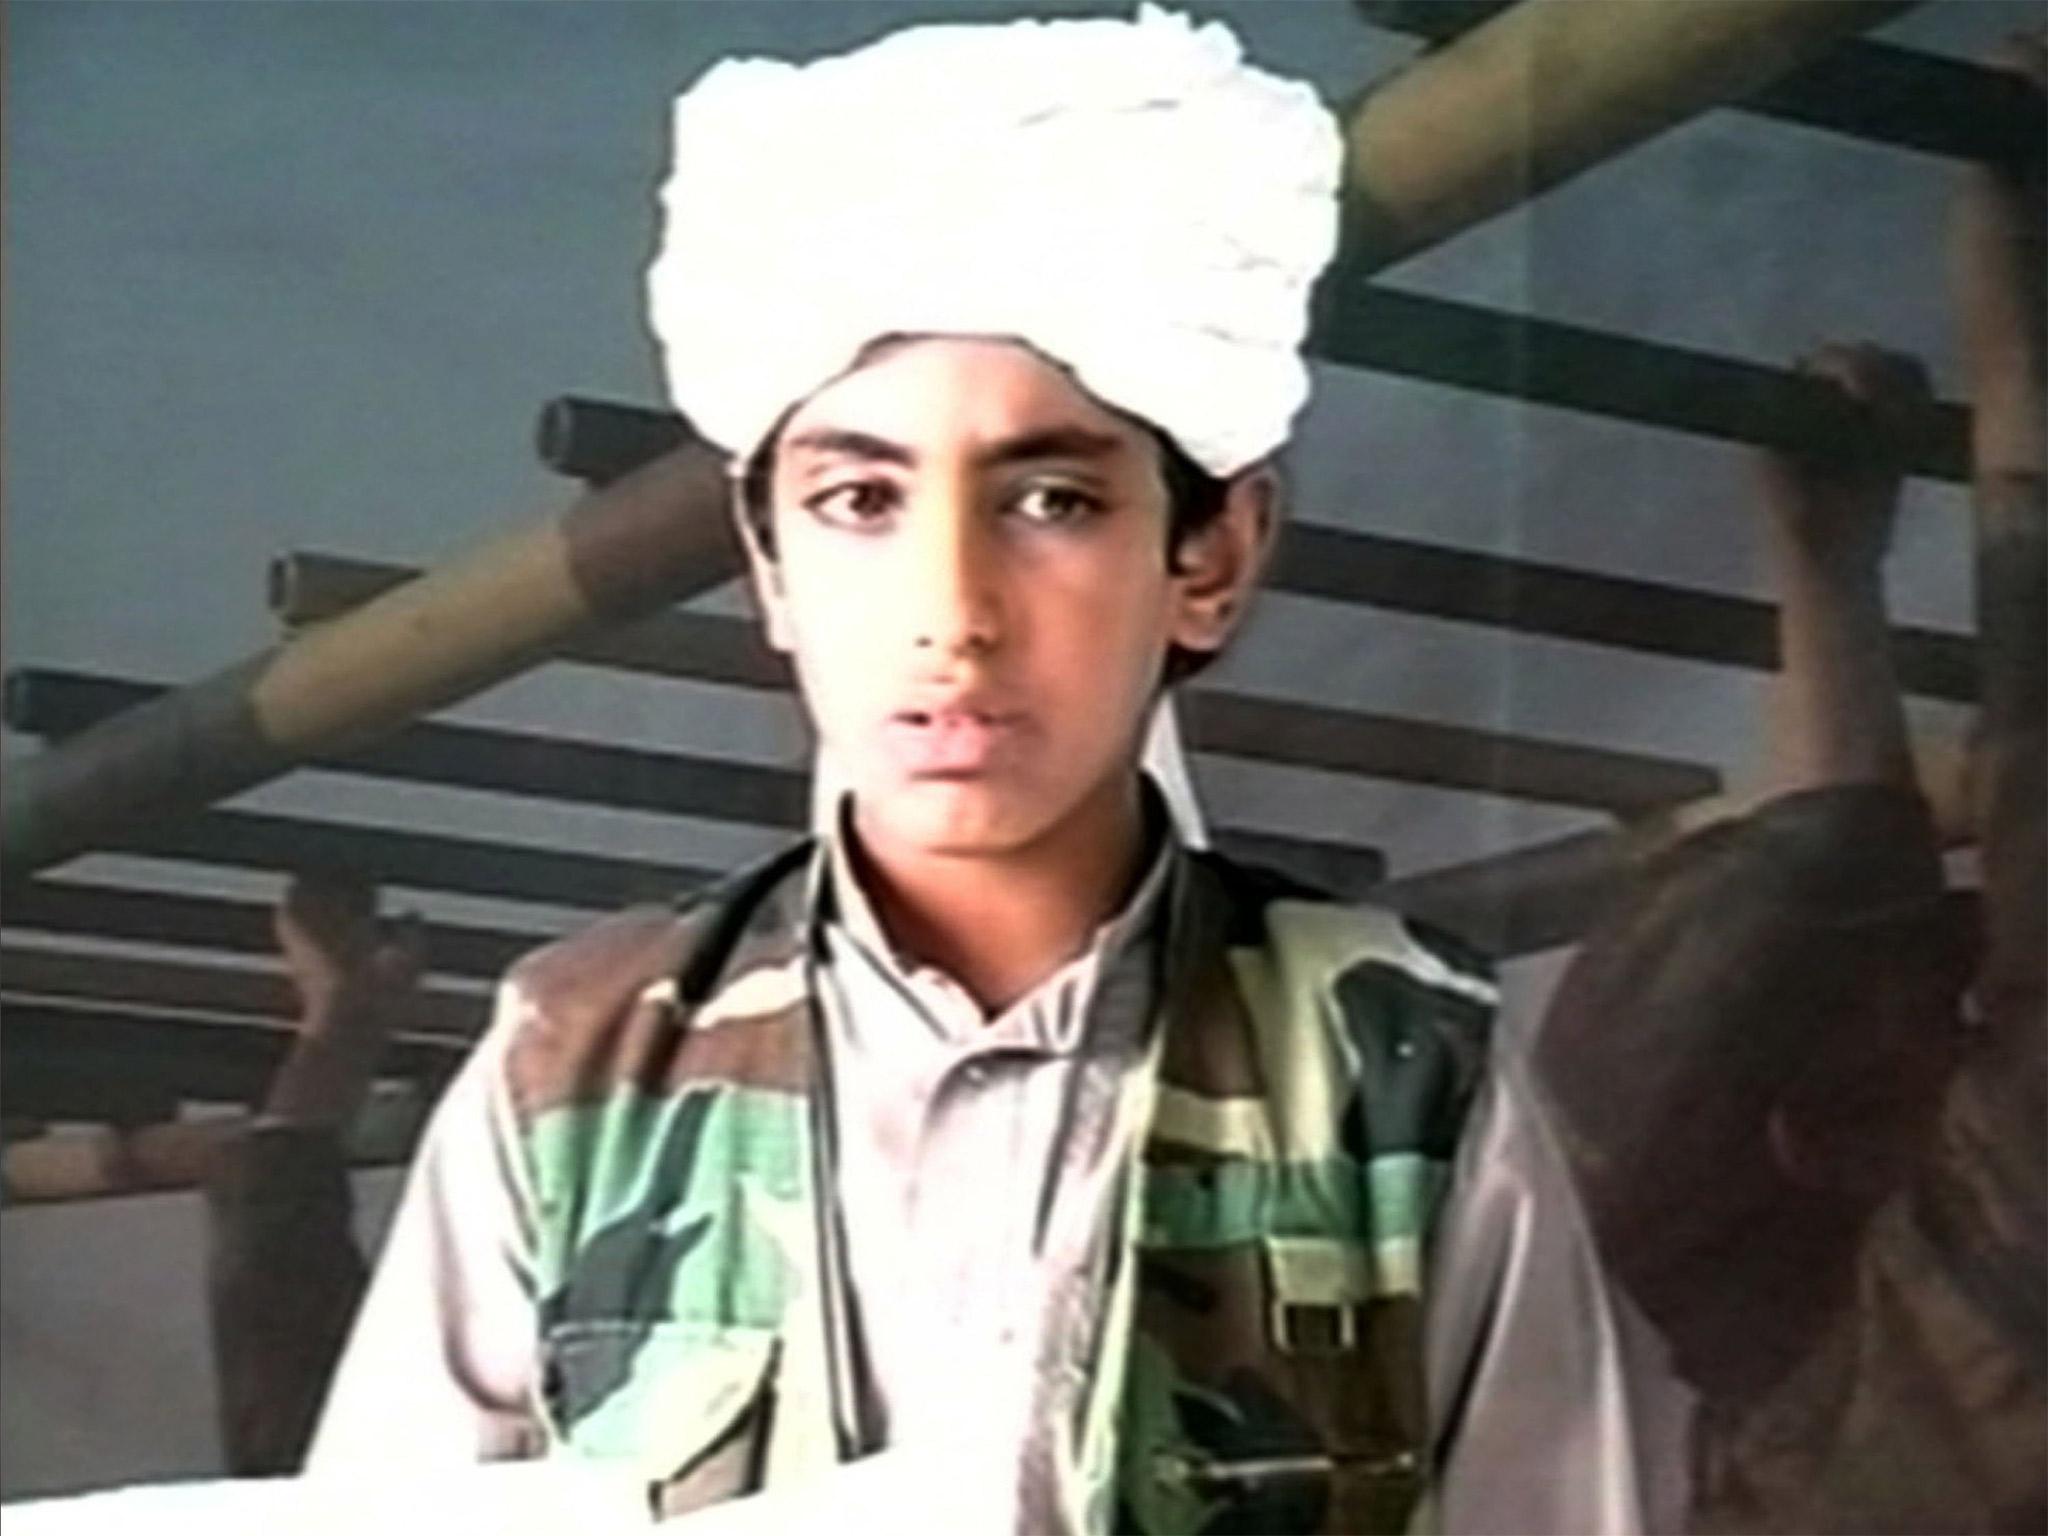 ہم سب اُسامہ ہیں، امریکا سے بدلہ لیں گے: اسامہ بن لادن کے بیٹے حمزہ نے دھمکی دے دی!